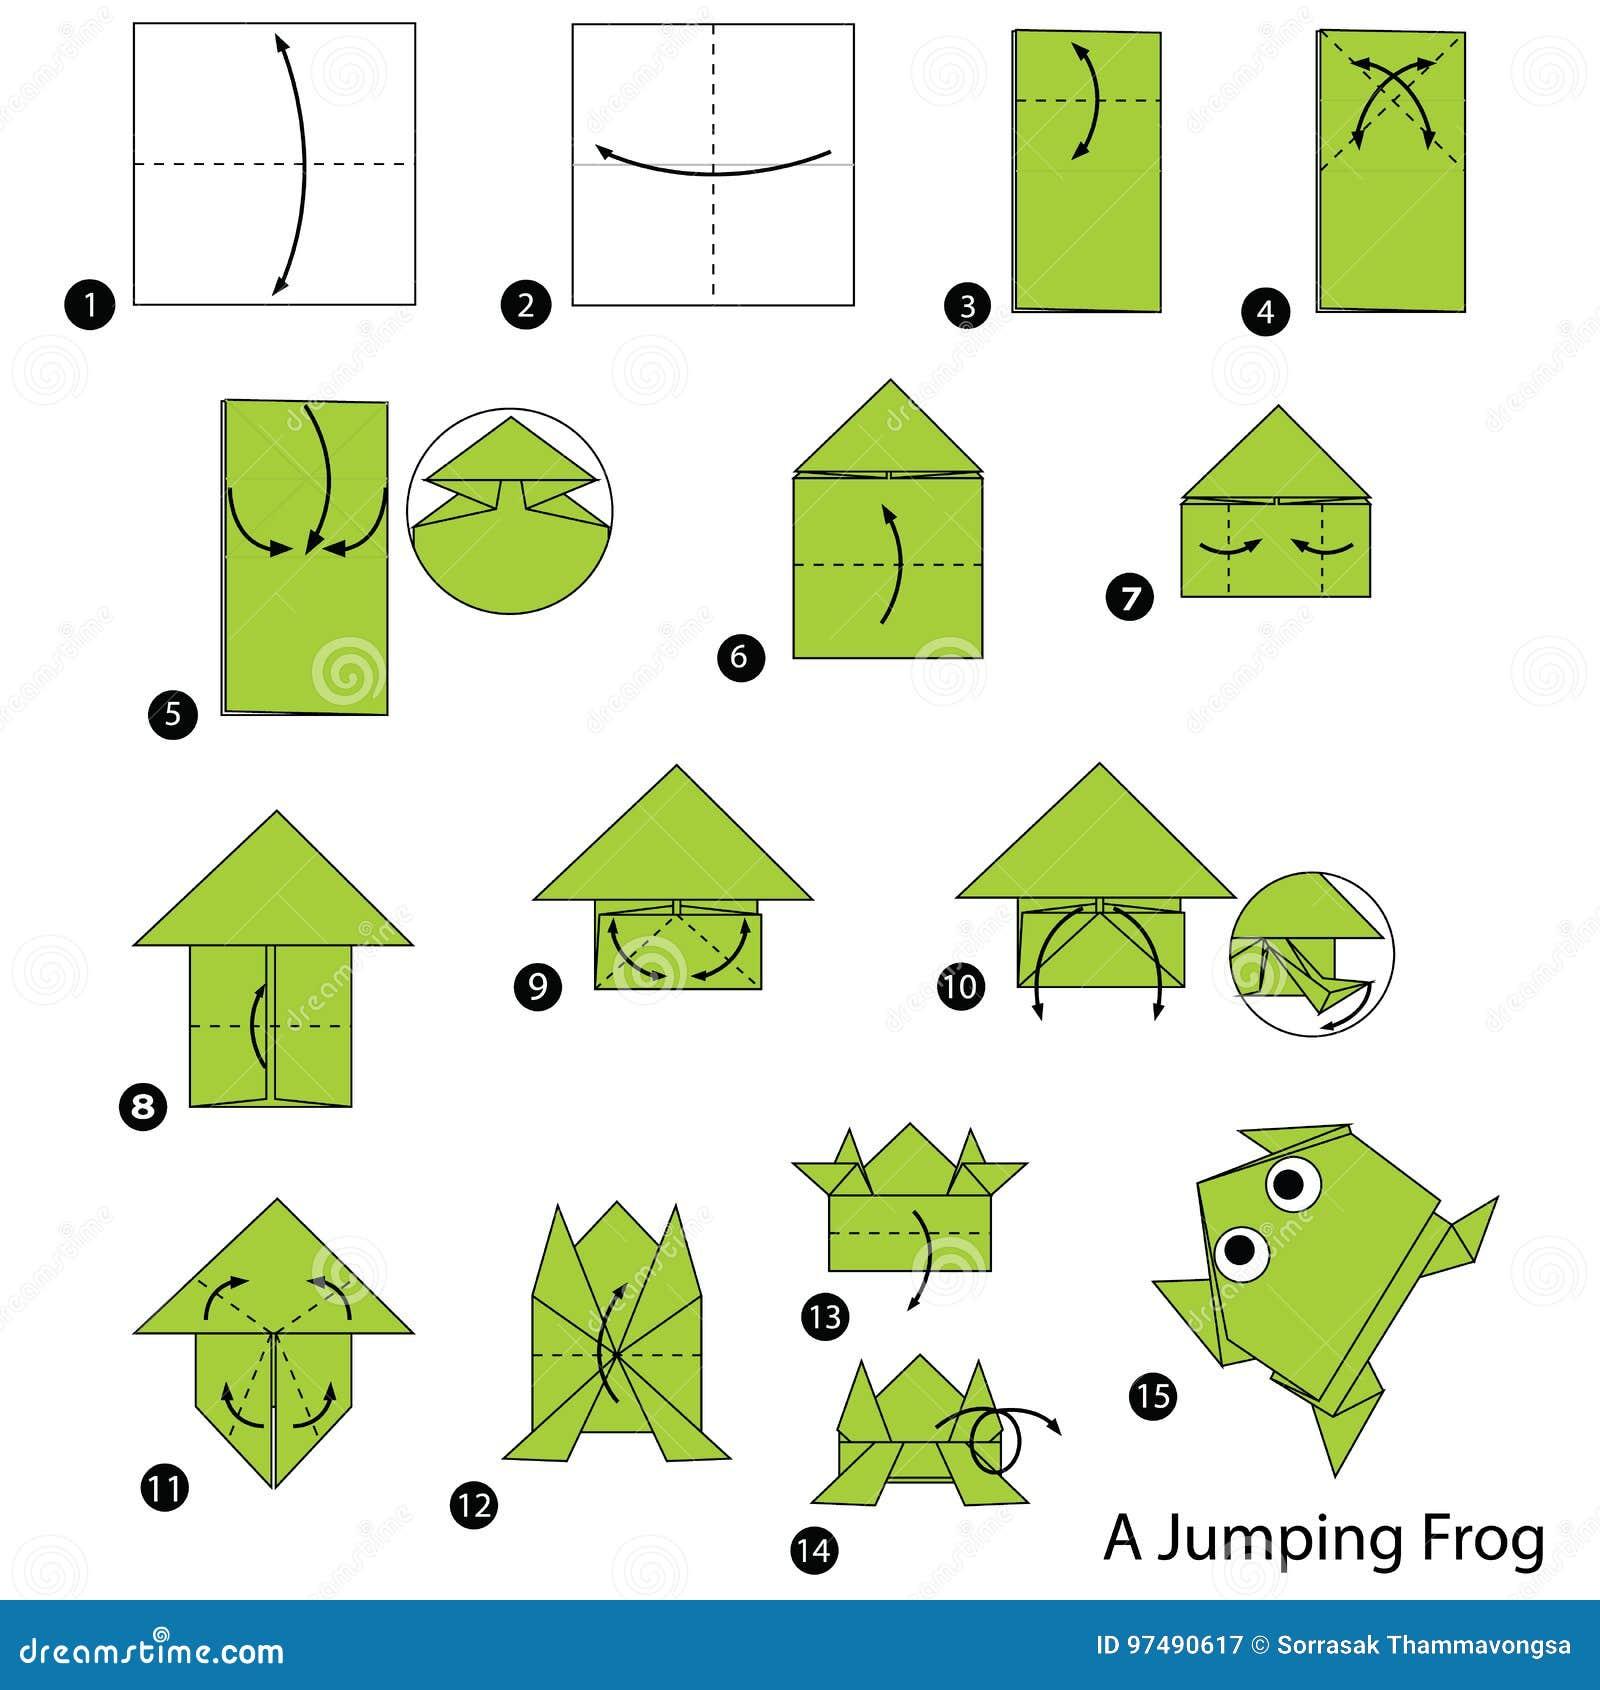 Istruzioni graduali come fare la rana di salto di origami A